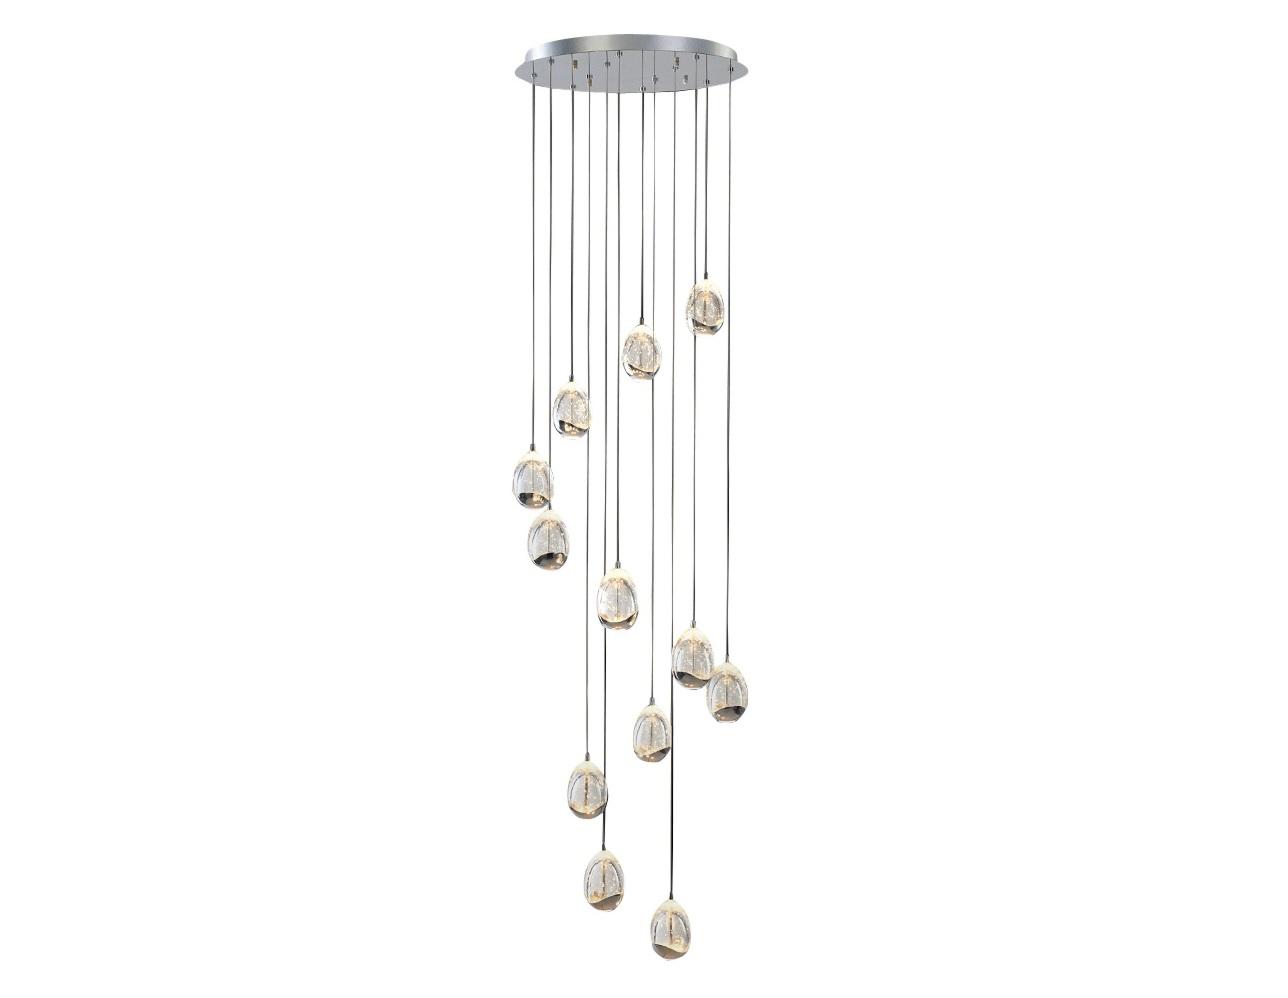 Подвесной светильник TerreneПодвесные светильники<br>&amp;lt;div&amp;gt;Вид цоколя: LED&amp;lt;br&amp;gt;&amp;lt;/div&amp;gt;&amp;lt;div&amp;gt;&amp;lt;div&amp;gt;Мощность: 57,6W&amp;lt;/div&amp;gt;&amp;lt;div&amp;gt;Количество ламп: 12 (нет в комплекте)&amp;lt;/div&amp;gt;&amp;lt;/div&amp;gt;<br><br>Material: Металл<br>Ширина см: 50<br>Высота см: 200<br>Глубина см: 50